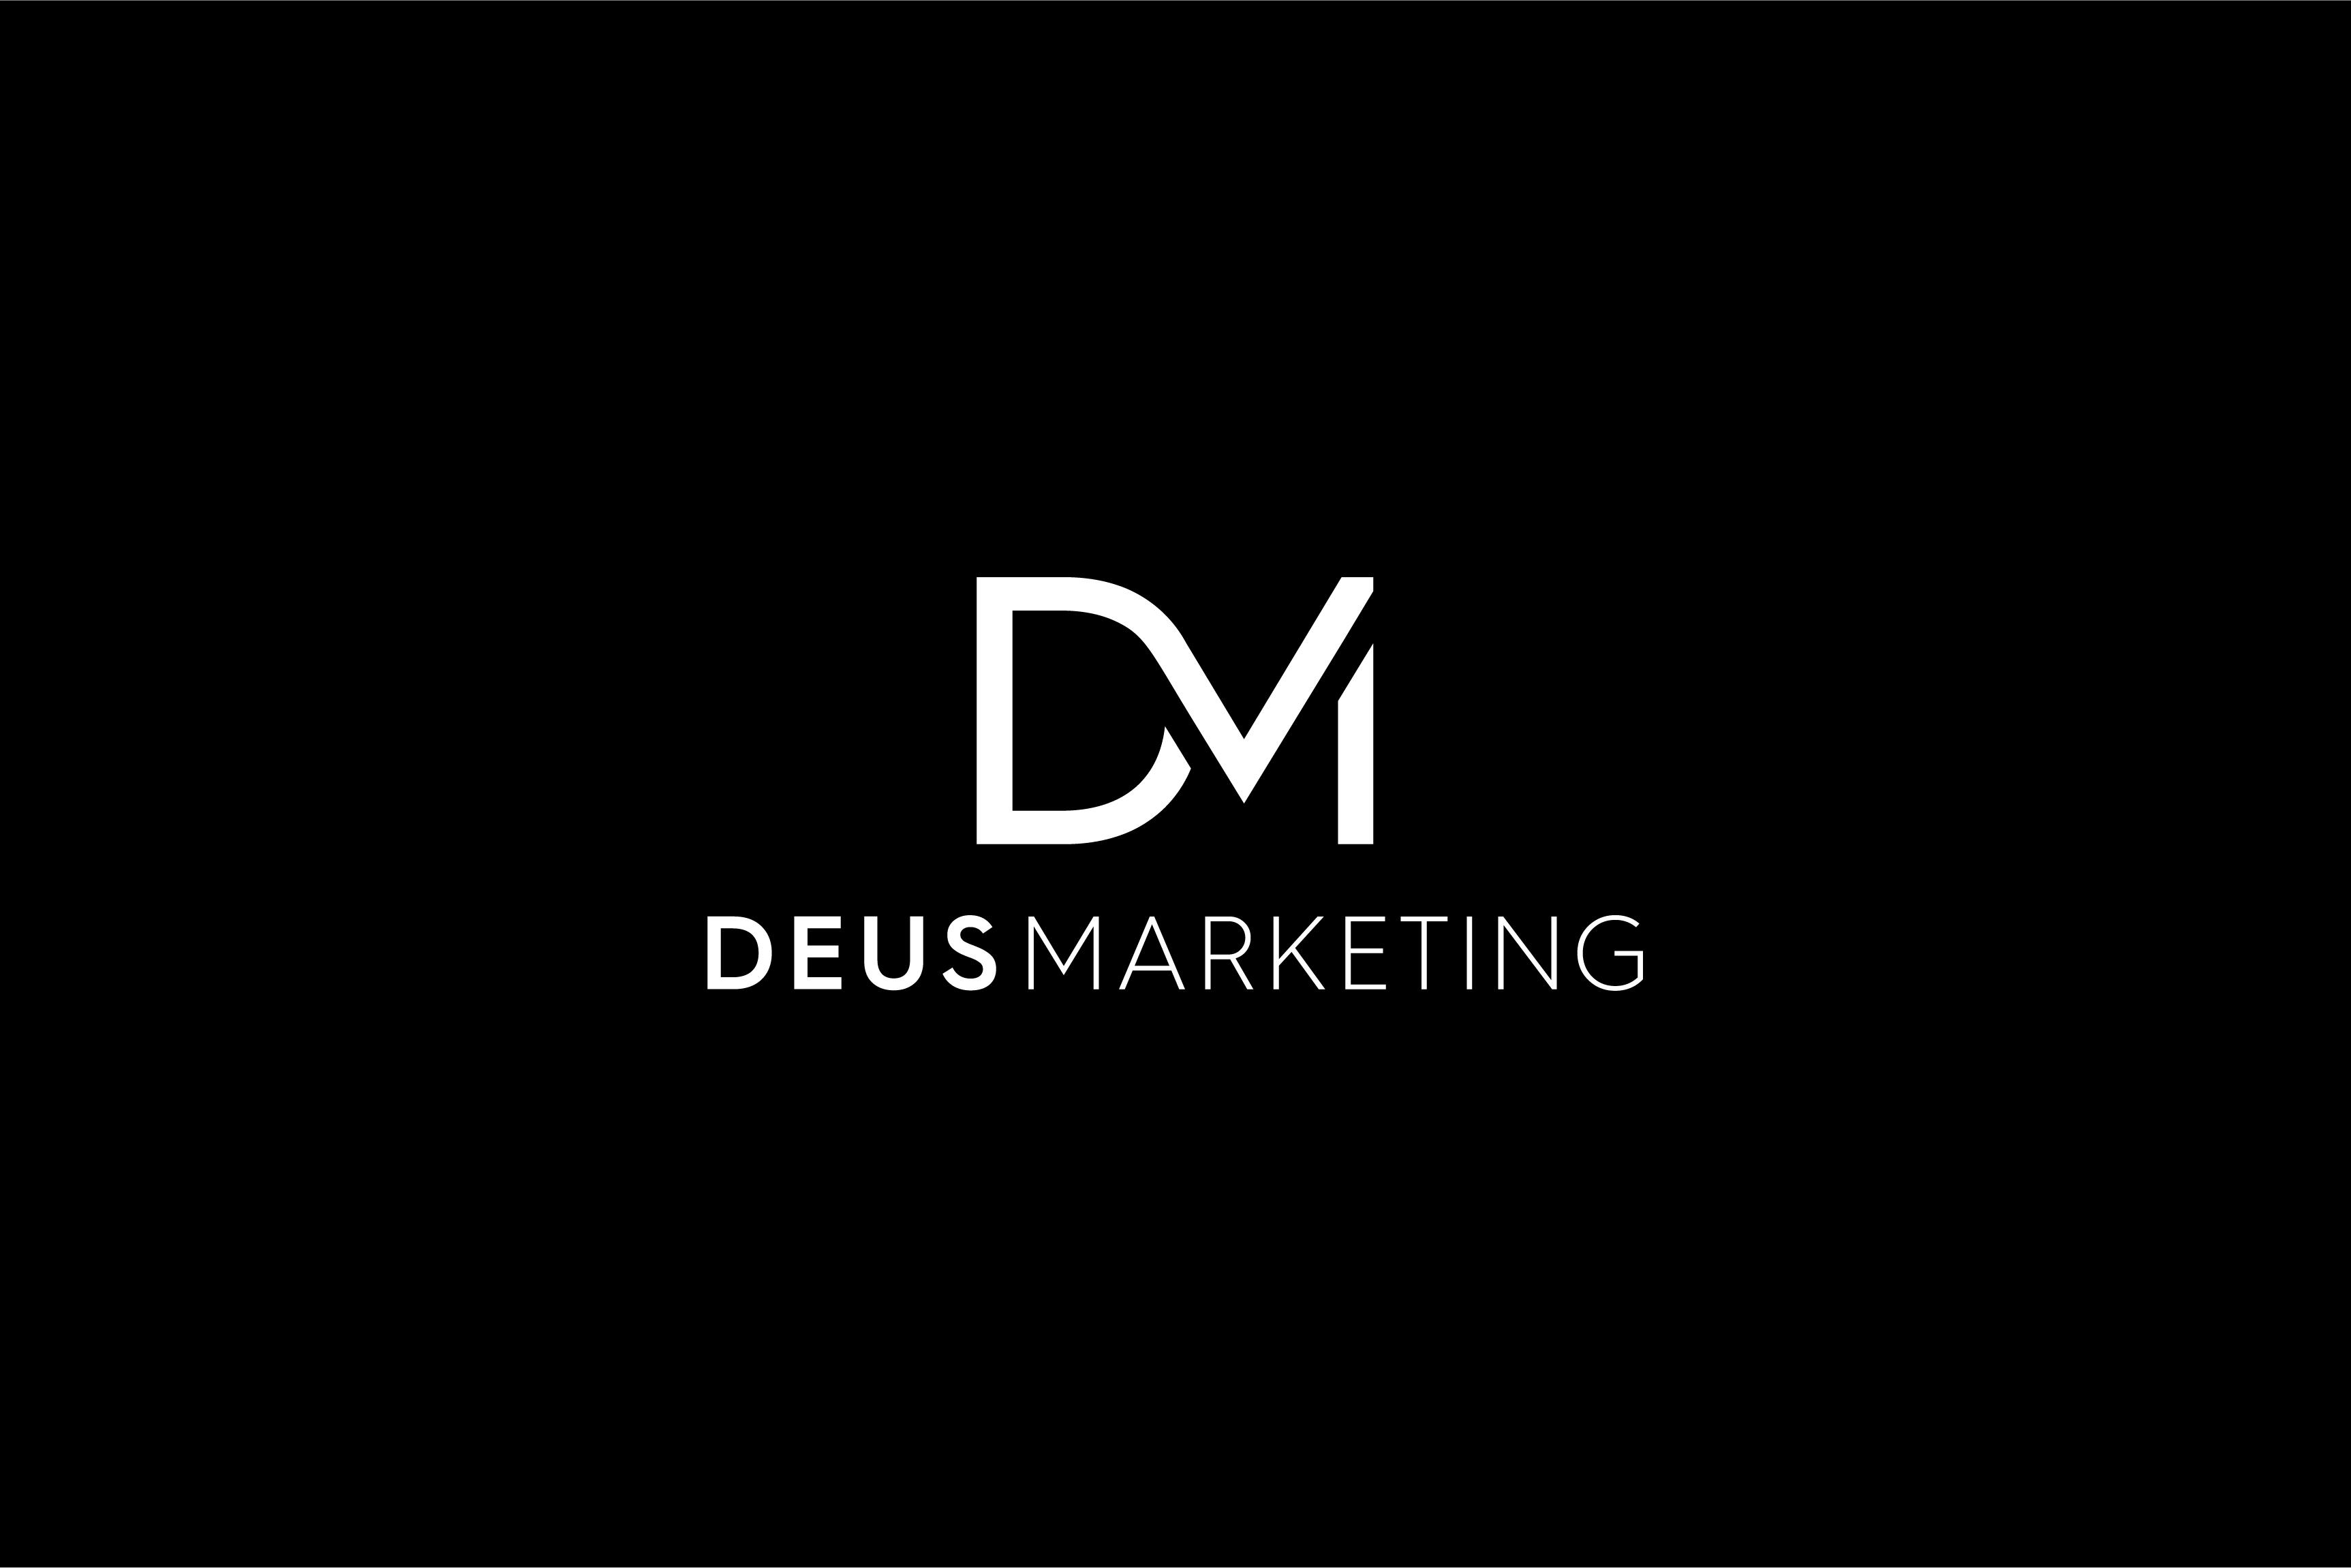 DEUS Marketing GmbH